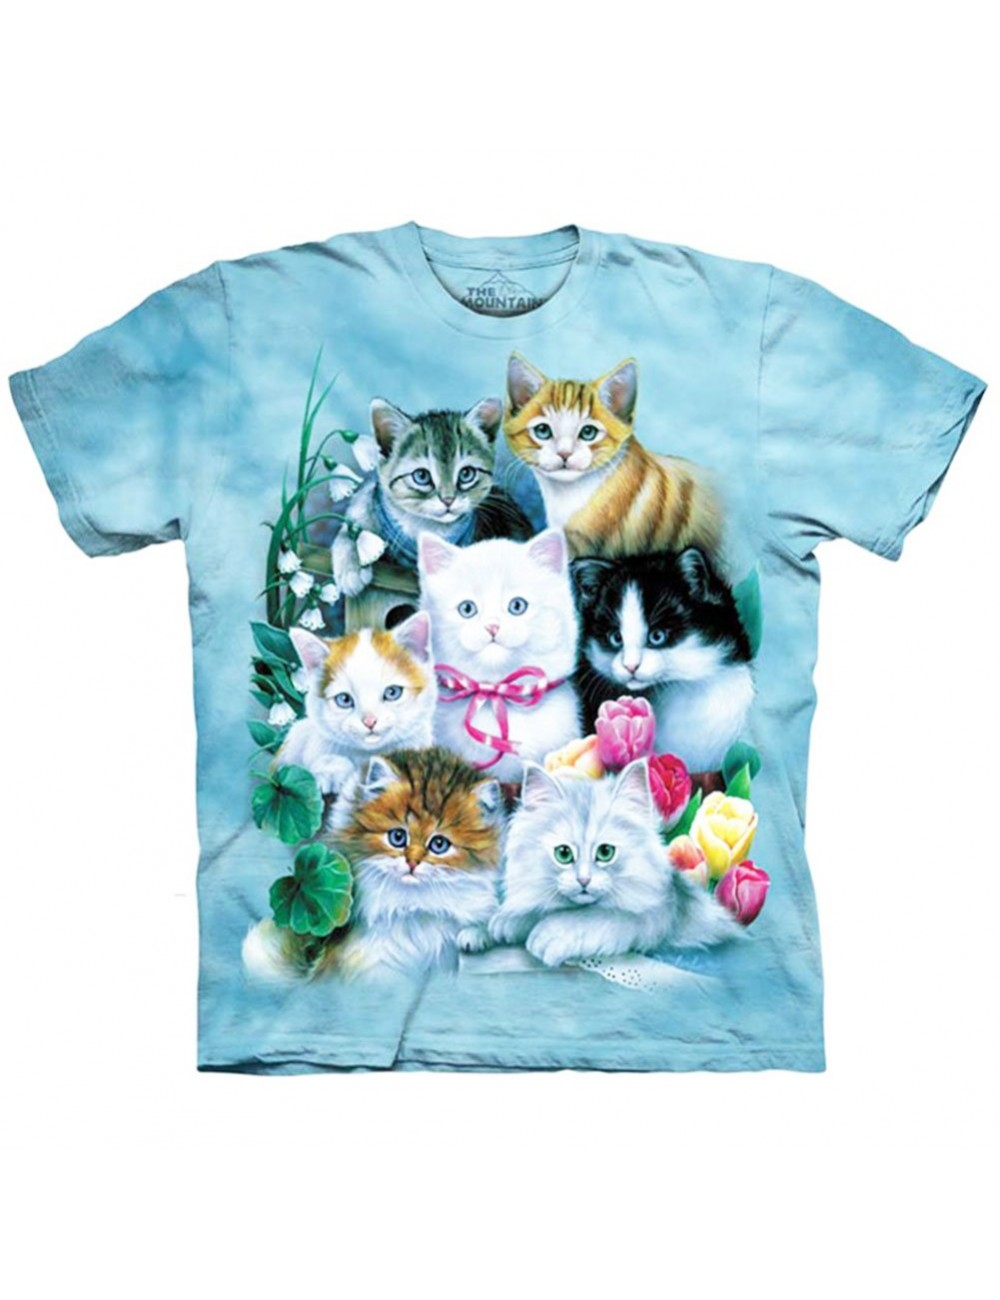 Tricou 3D copii, The Mountain: Kittens